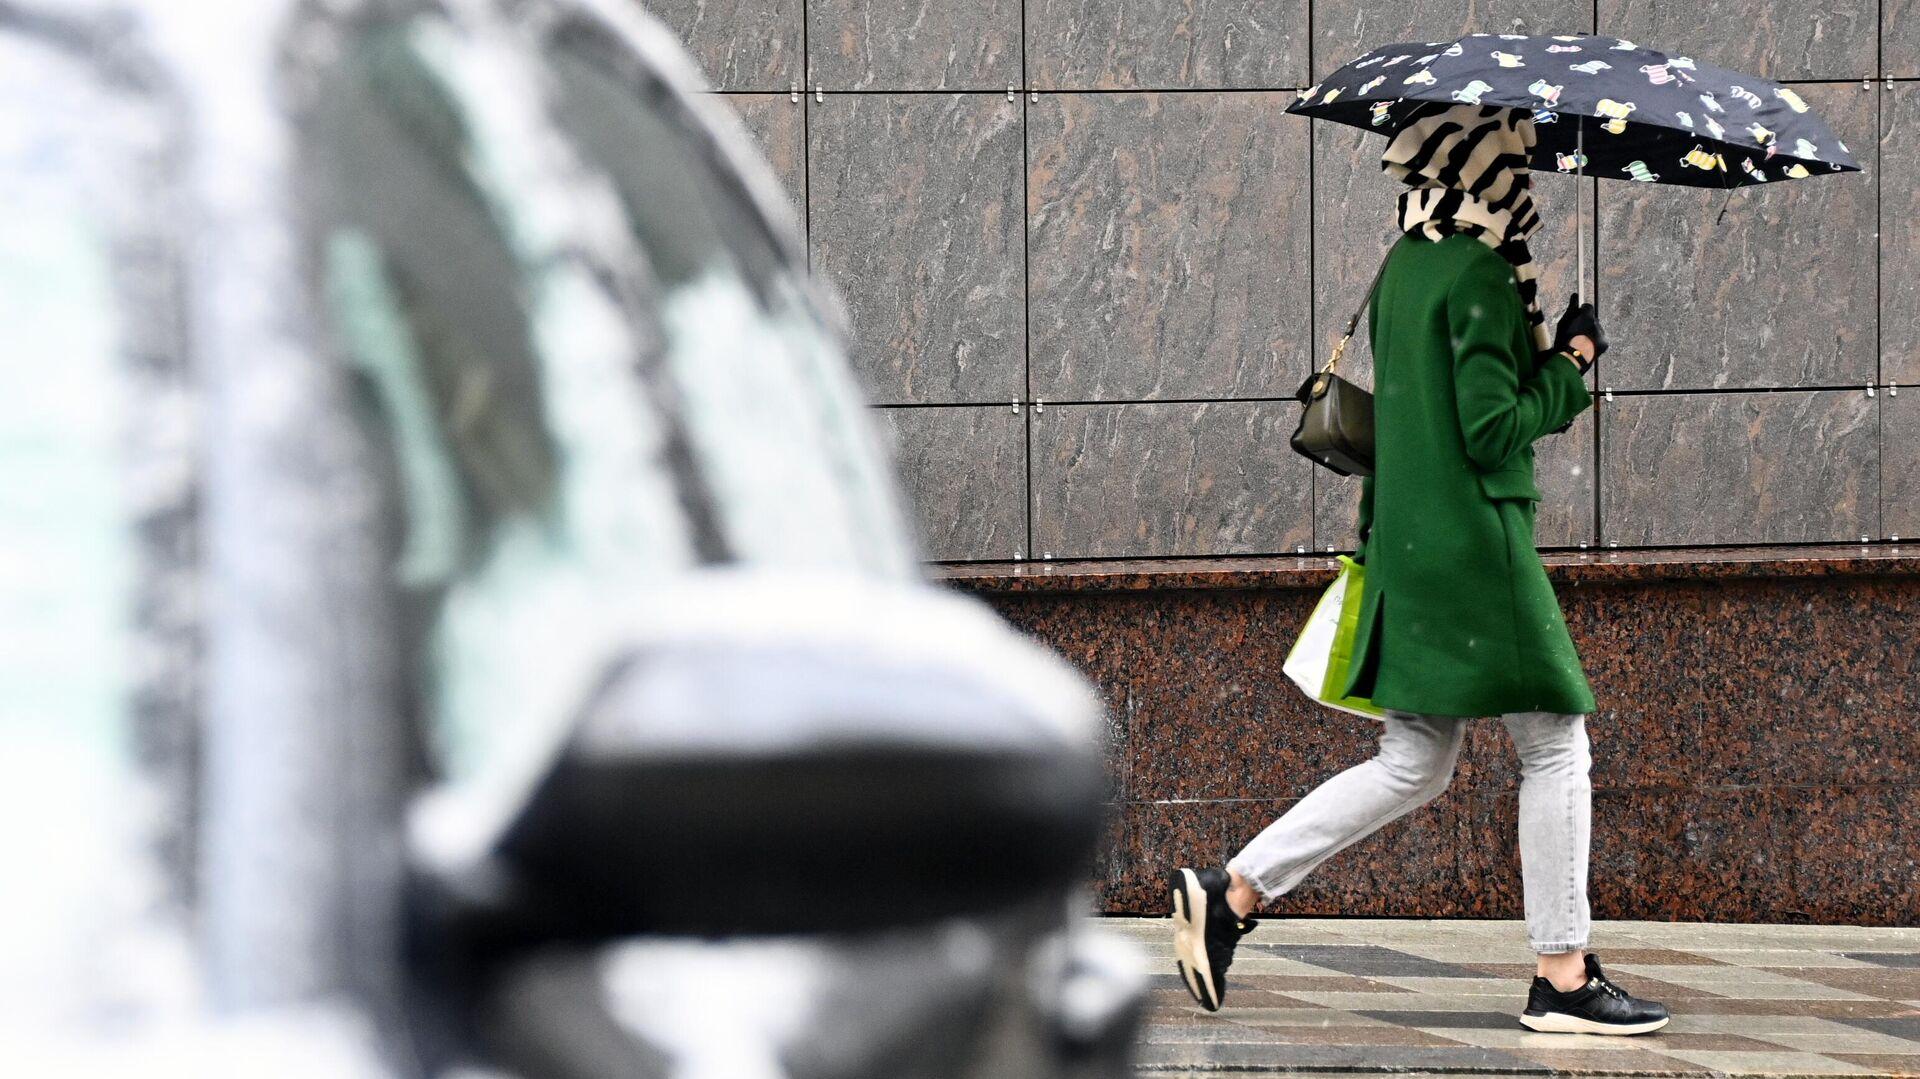 Девушка идет под зонтом во время снегопада в Москве - РИА Новости, 1920, 01.07.2021